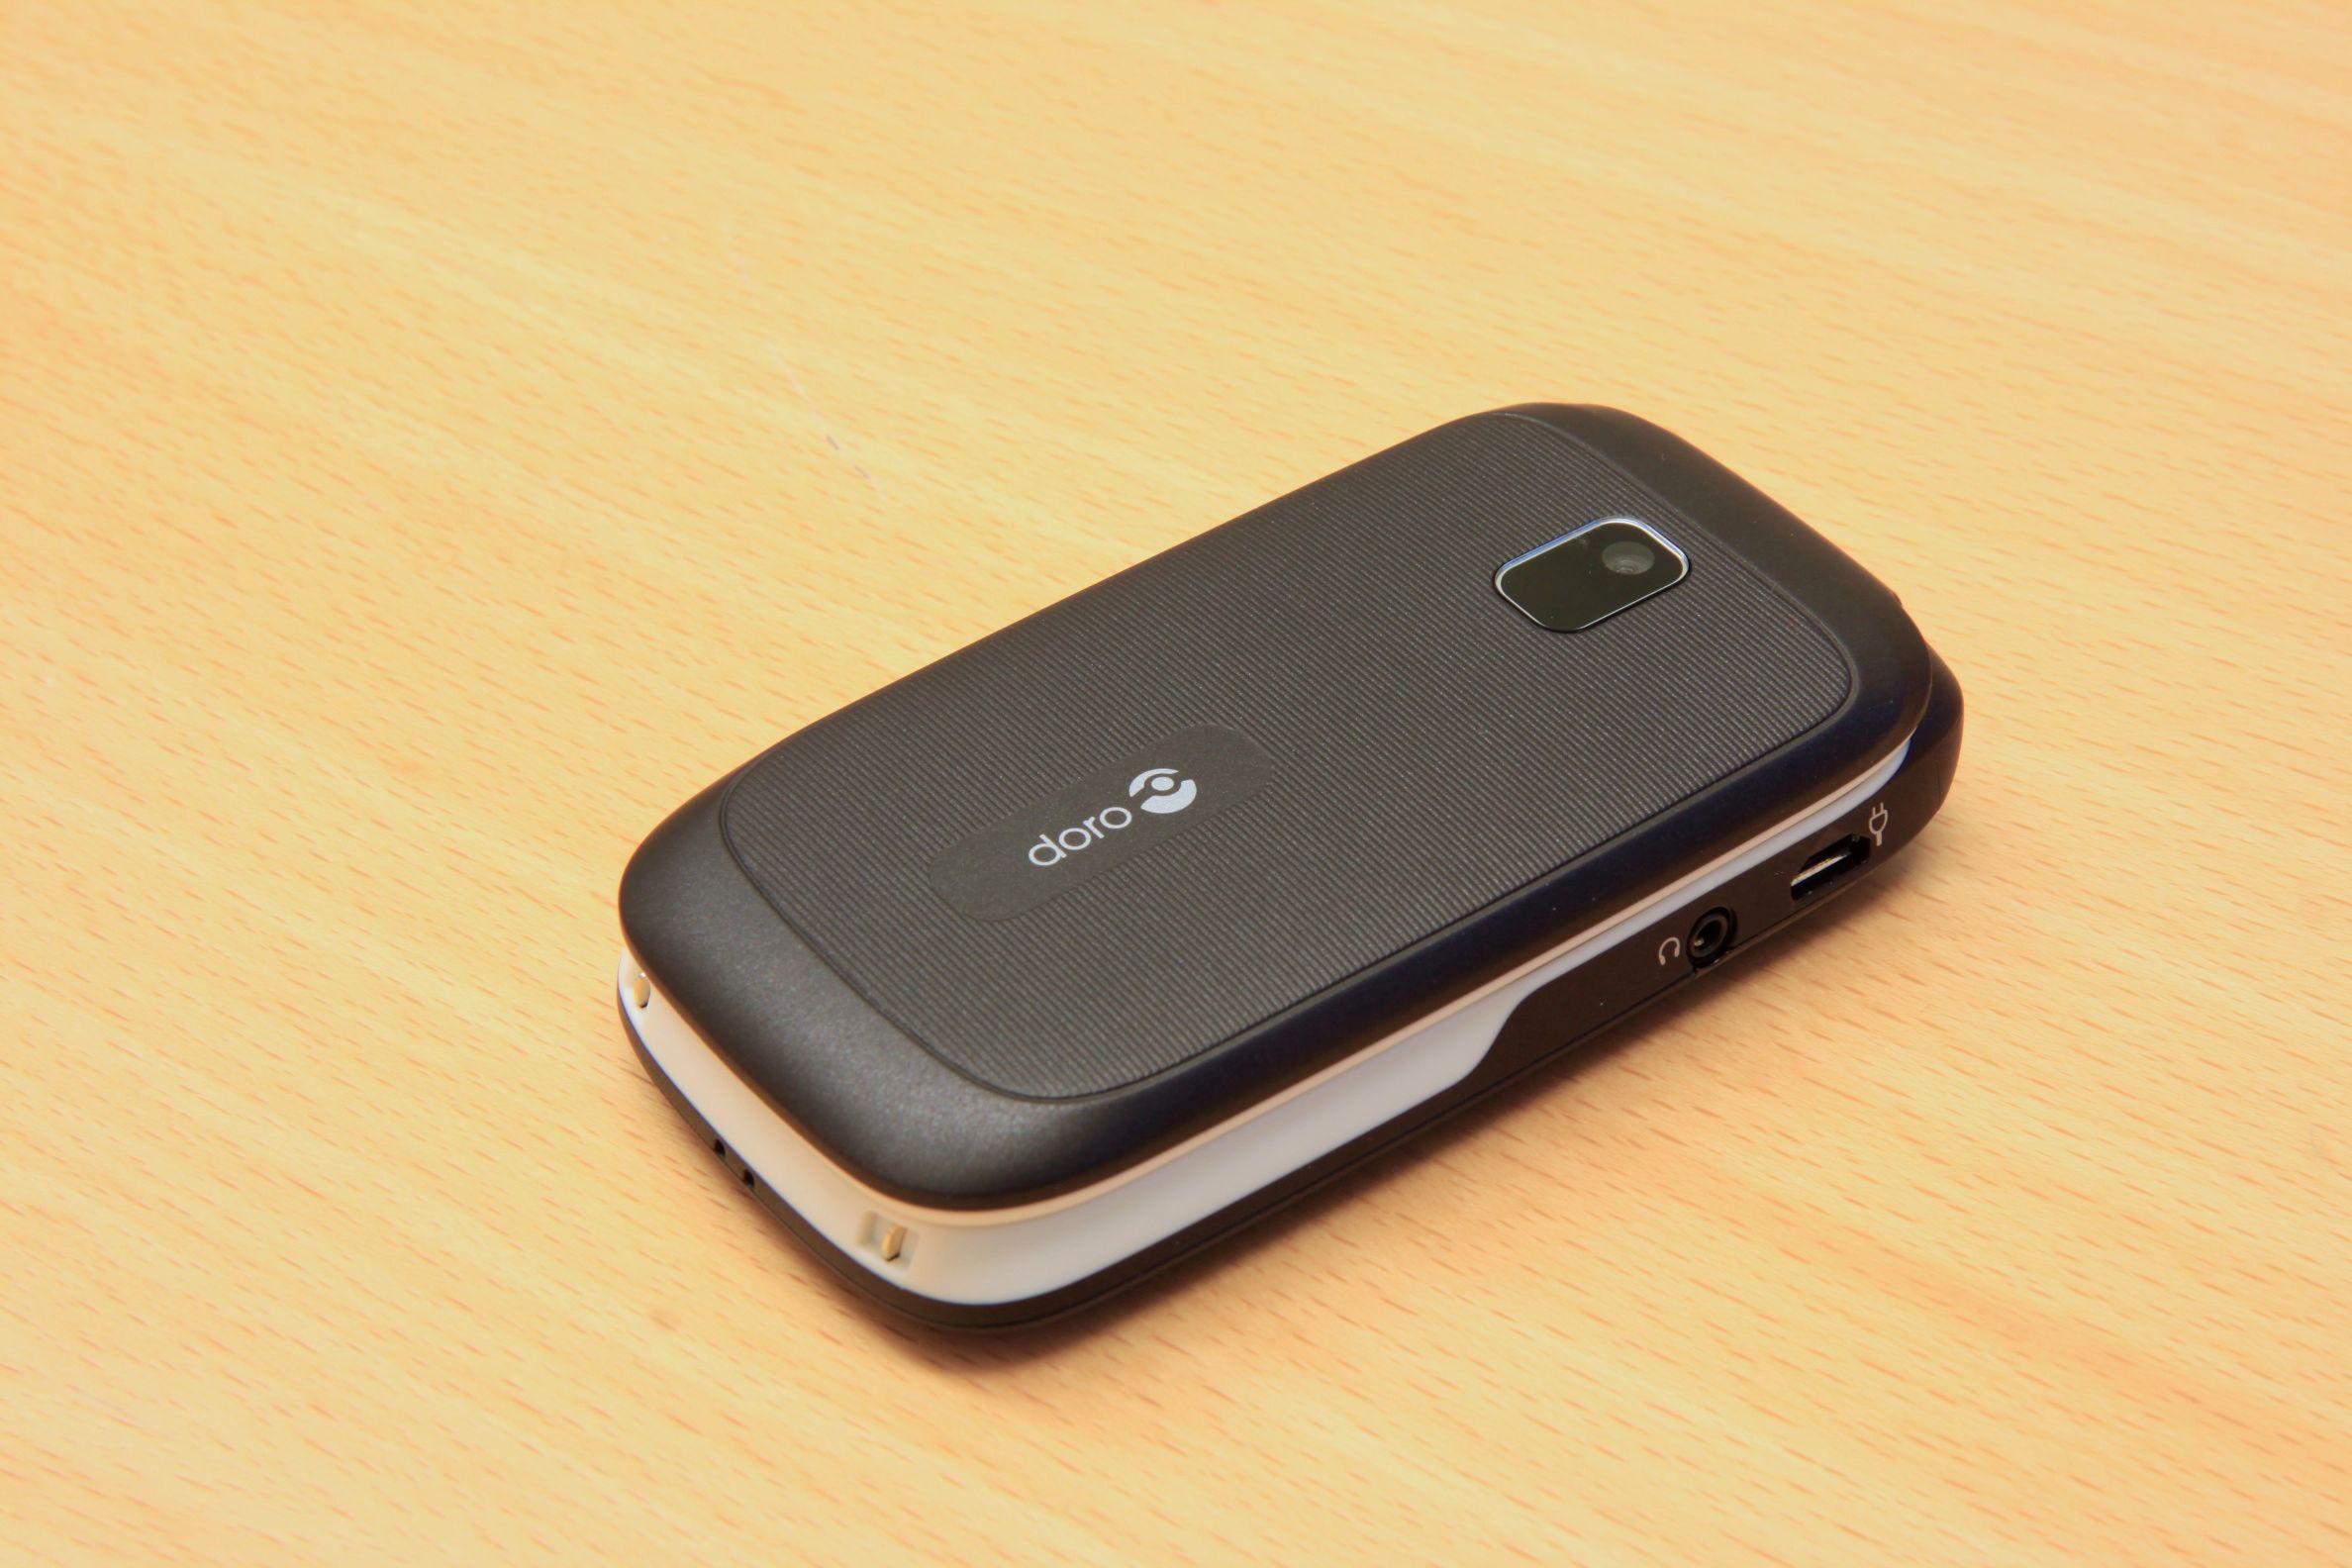 Slik ser telefonen ut når den er slått sammen. En gummiert overflate gjør at telefonen ligger godt i hånden.Foto: Kurt Lekanger, Amobil.no